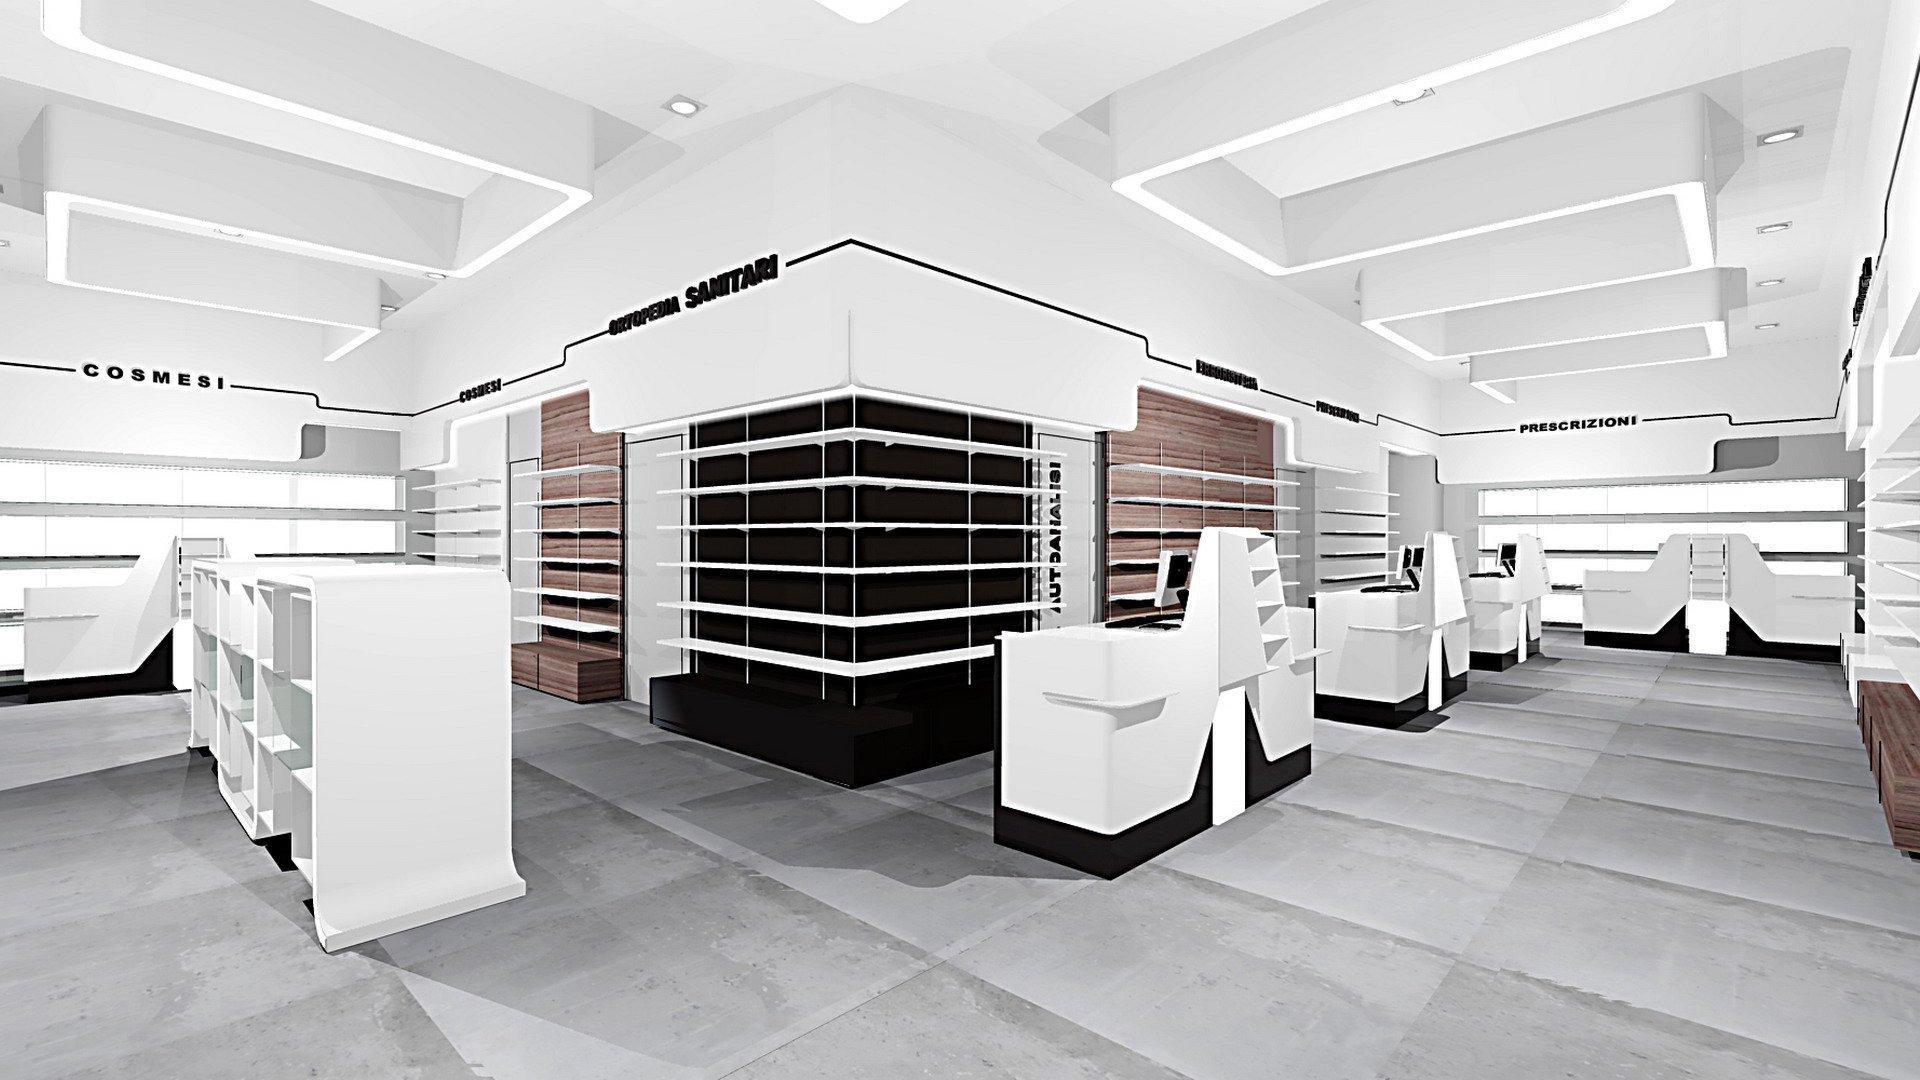 Farmacia borgo crocetta arketipo design